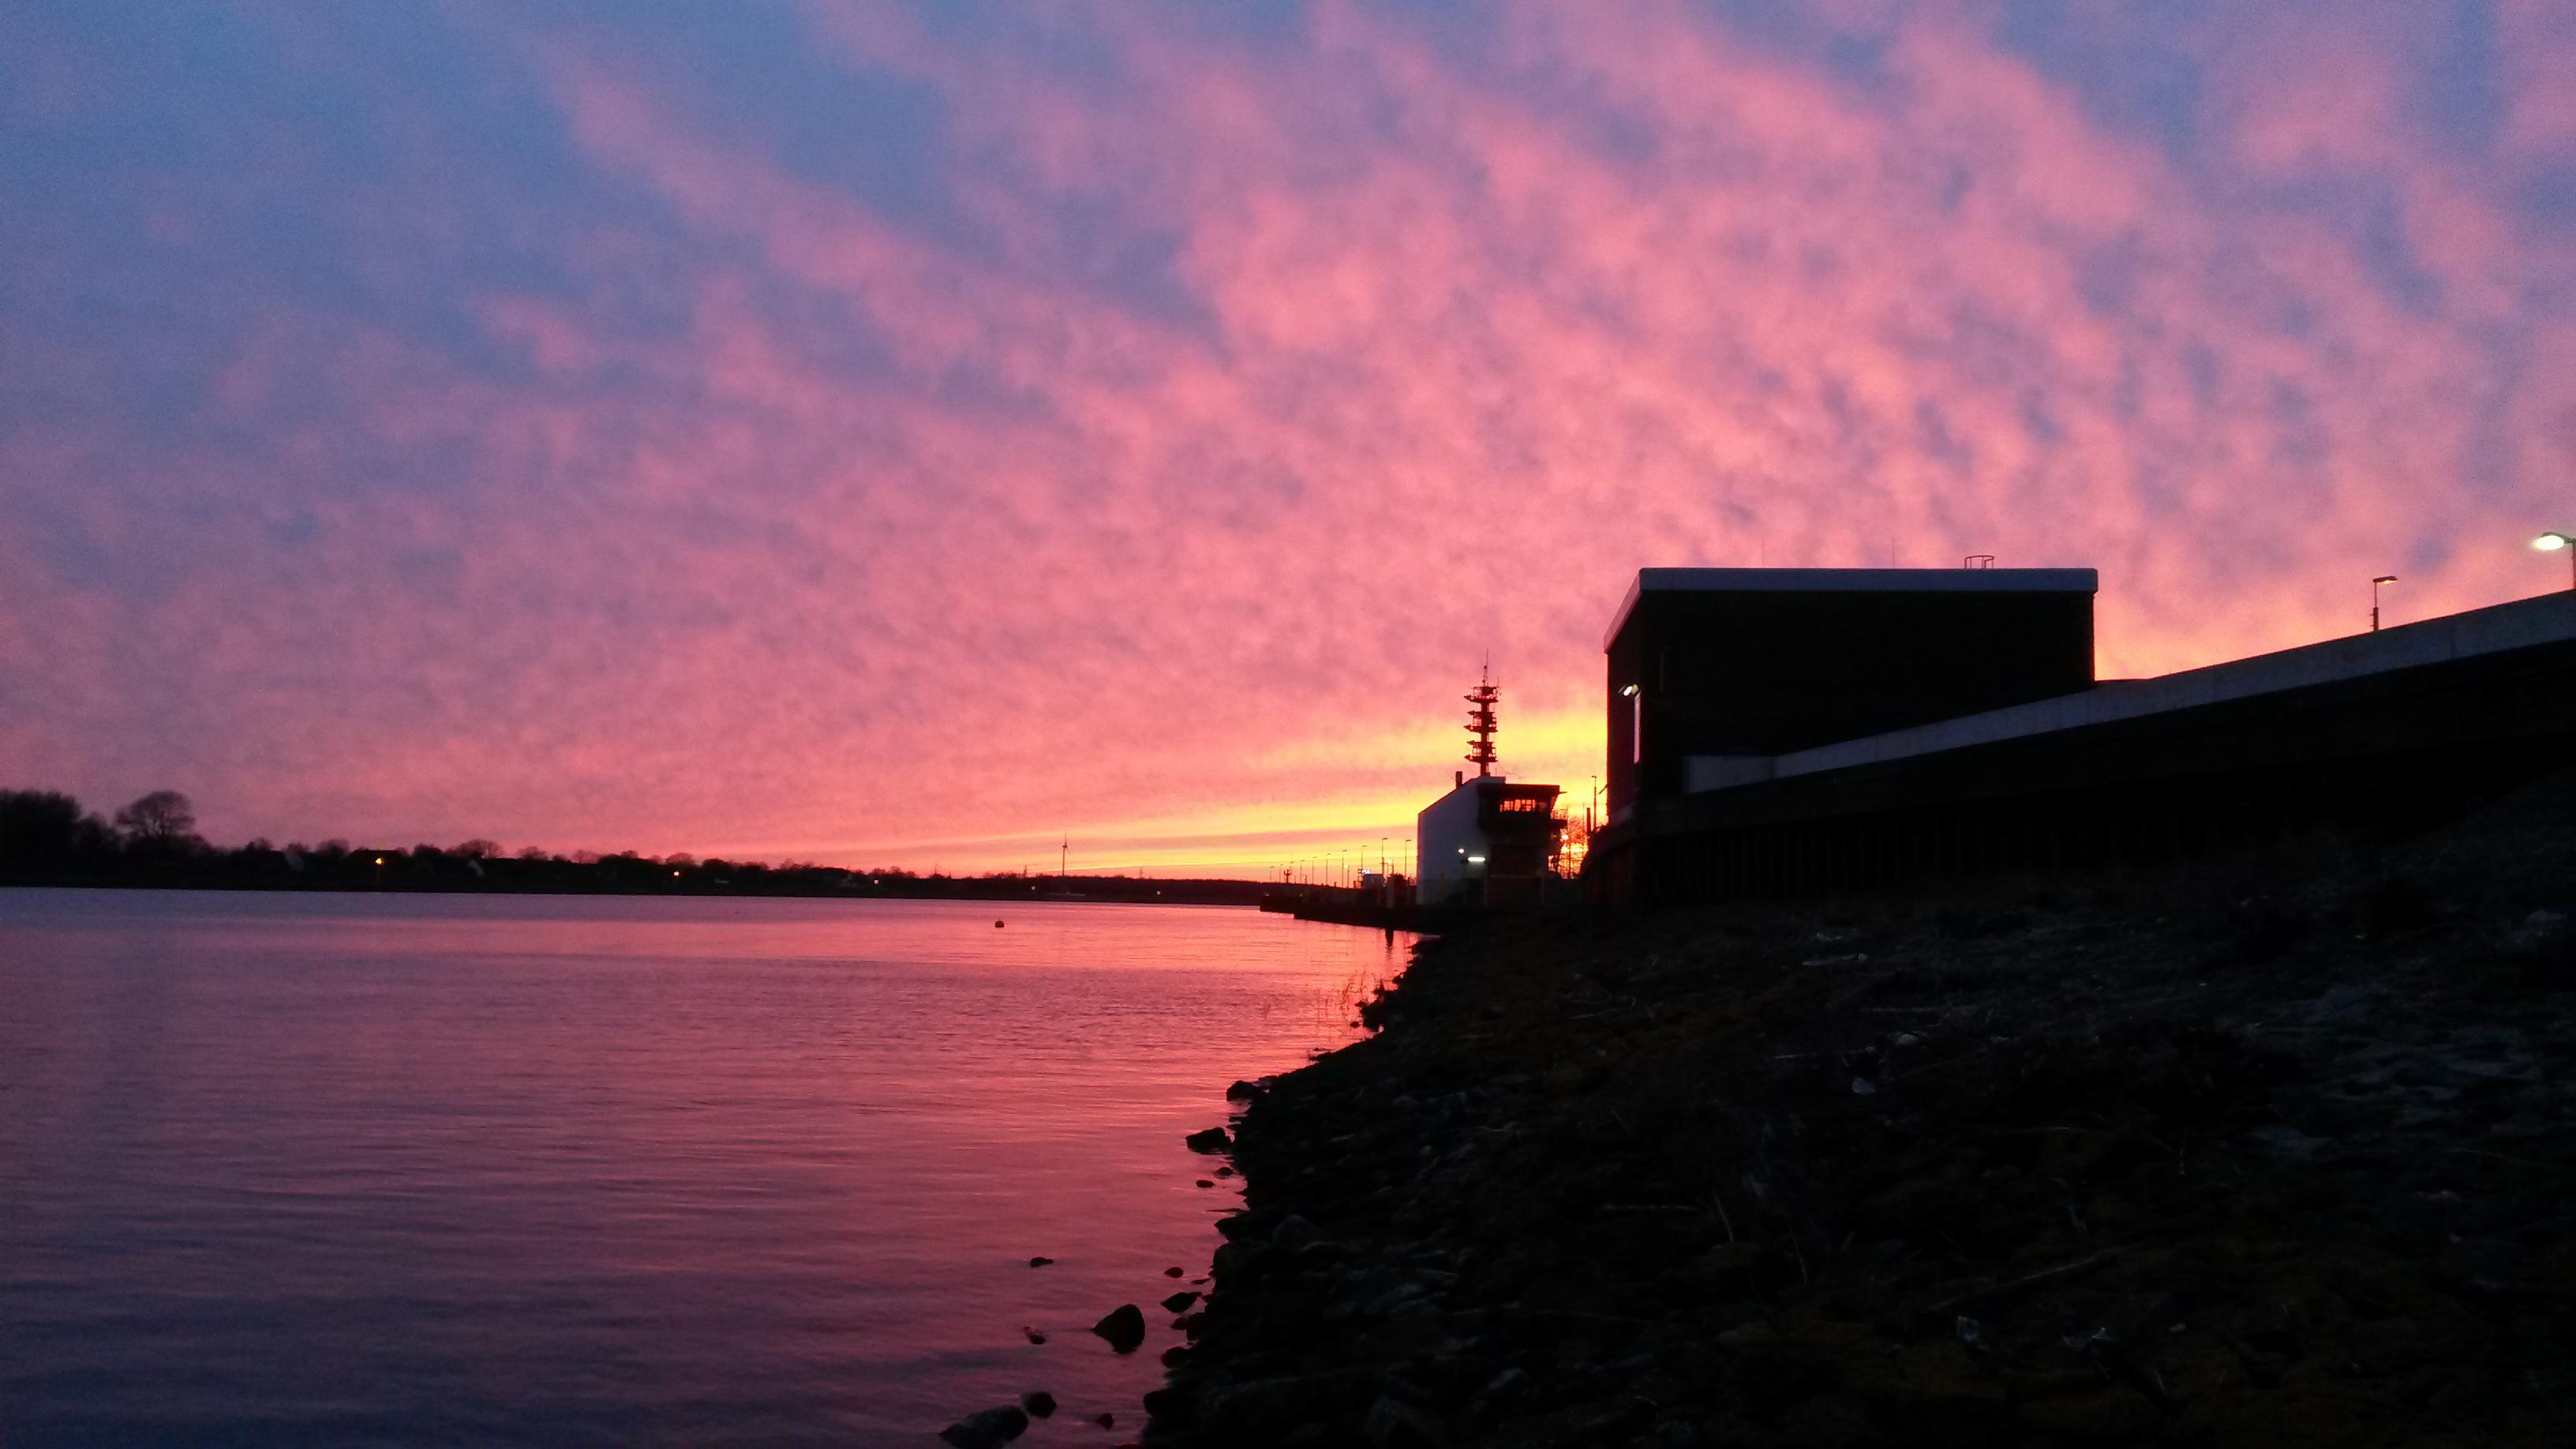 Blick aufs Wasser während eines leuchtenden Sonnenuntergangs; Quelle: privat/MDR